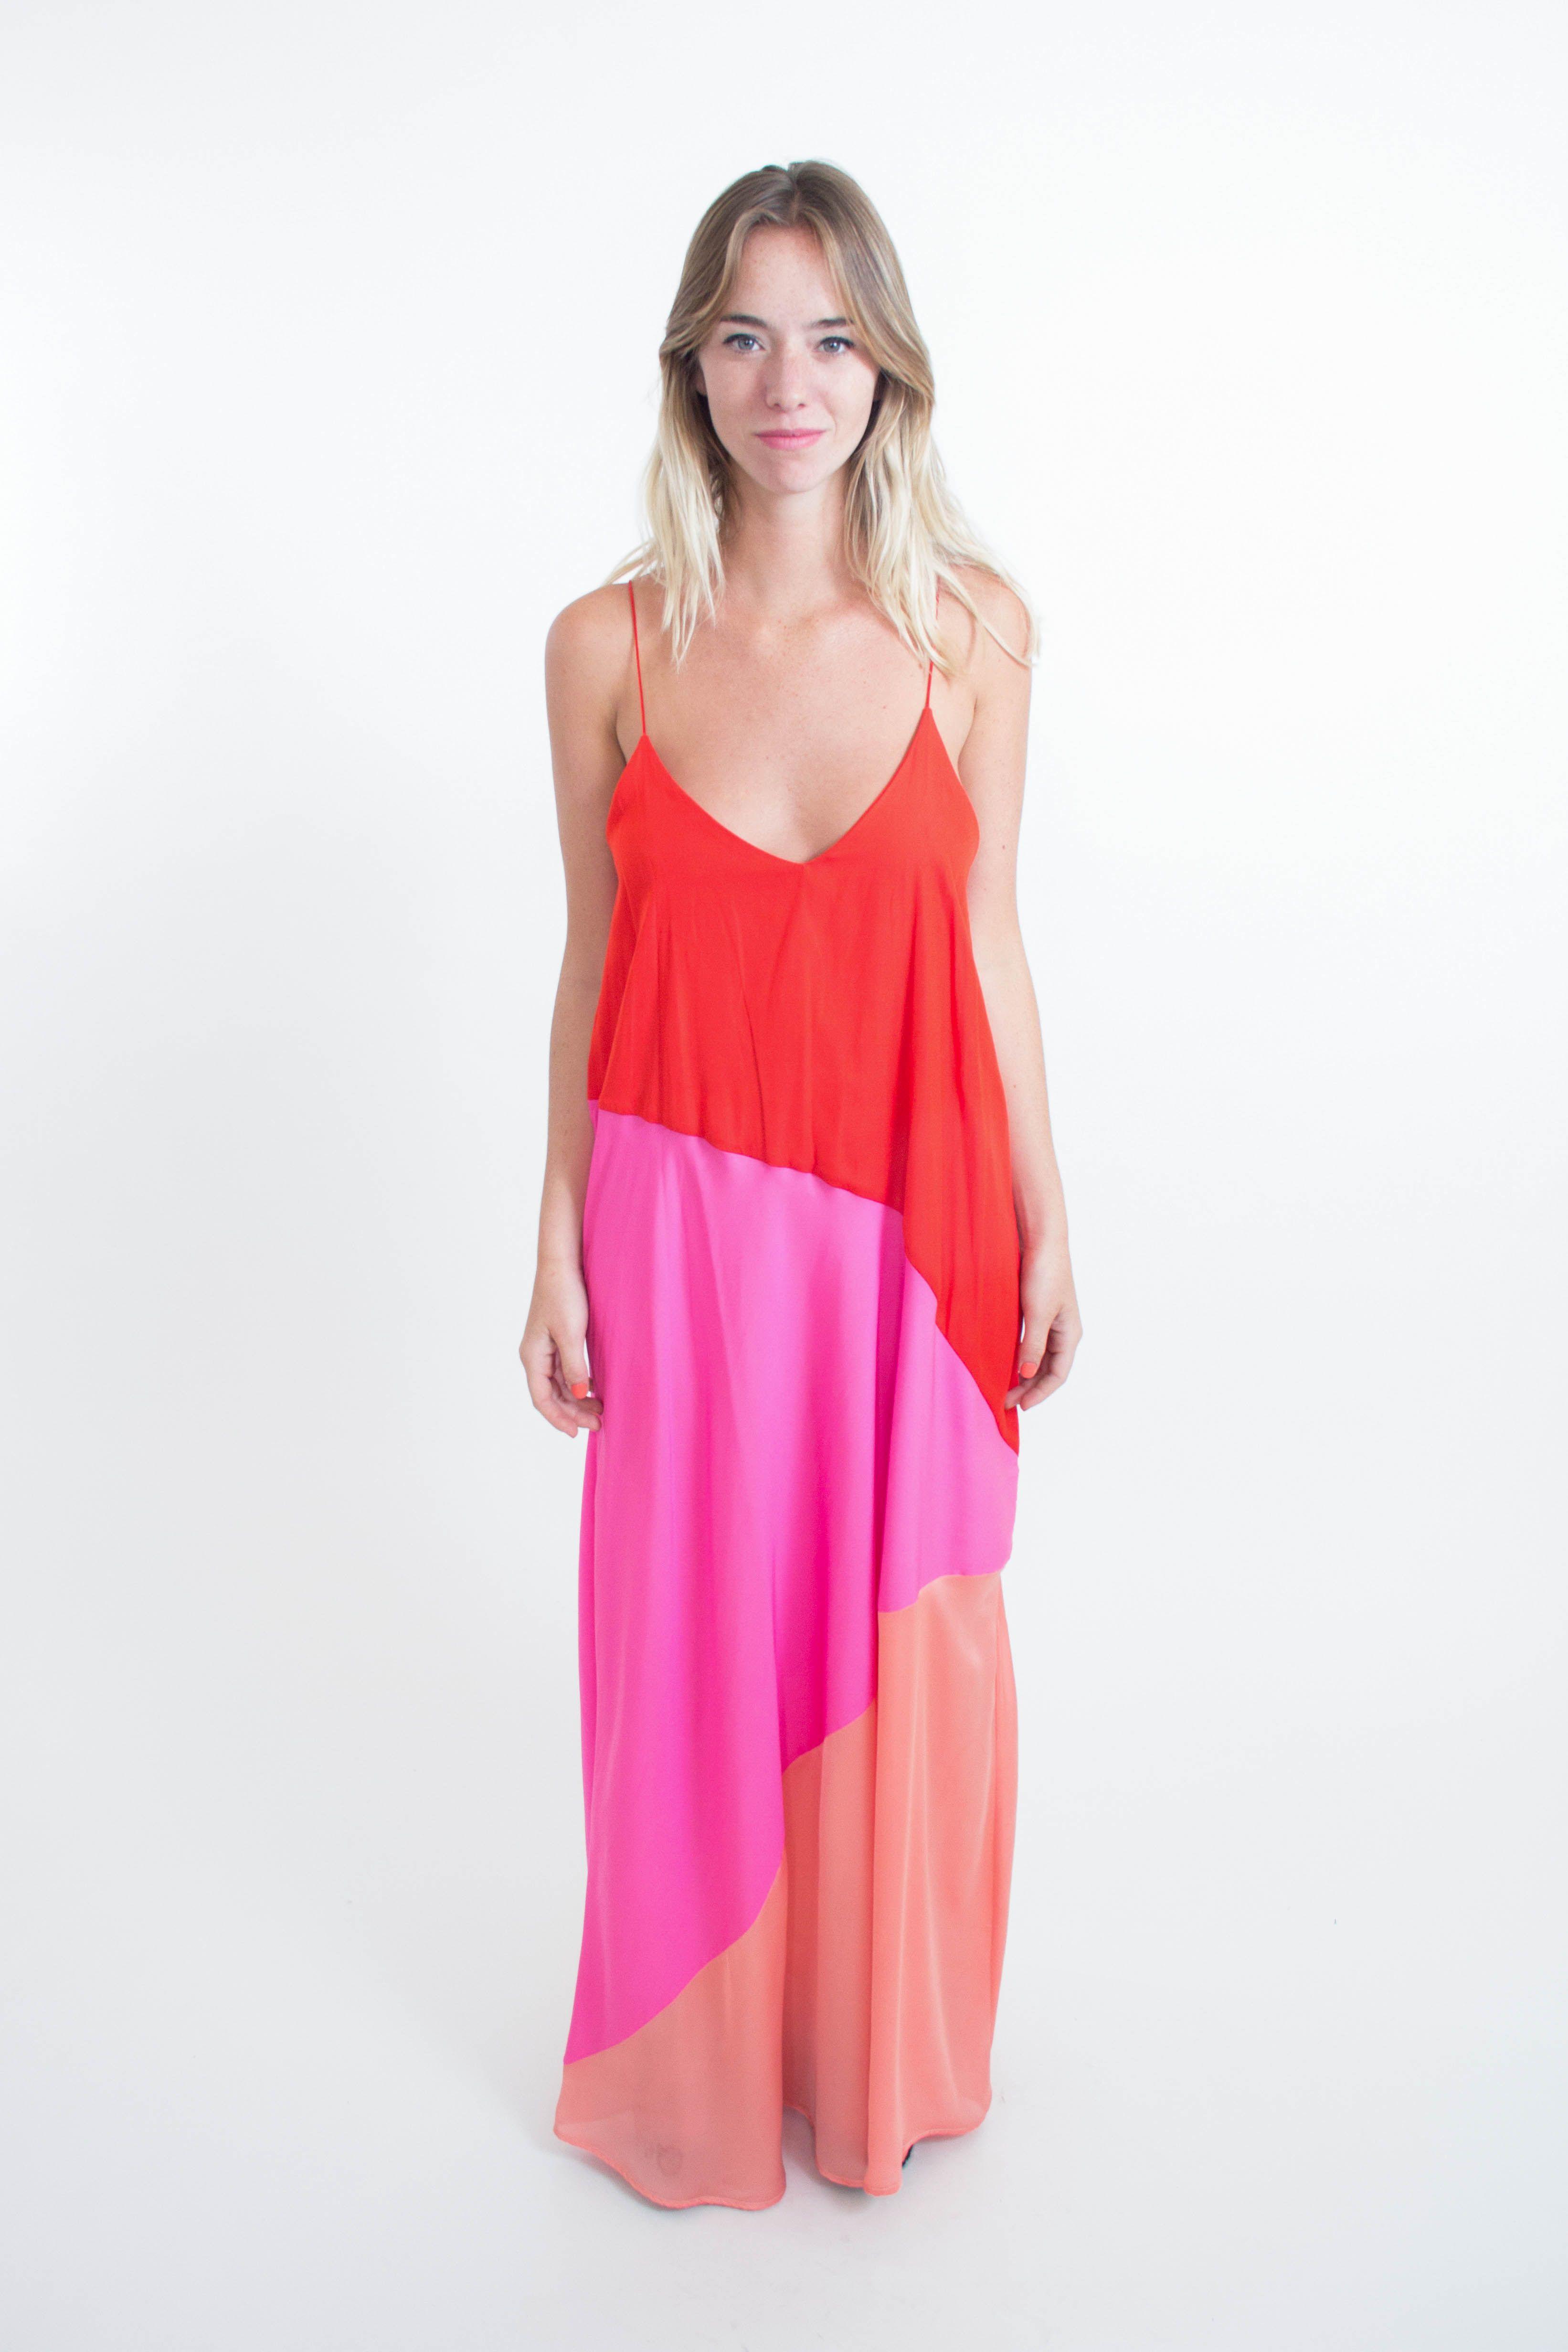 Increíble Vestidos De Dama Naranja Imagen - Ideas de Vestido para La ...